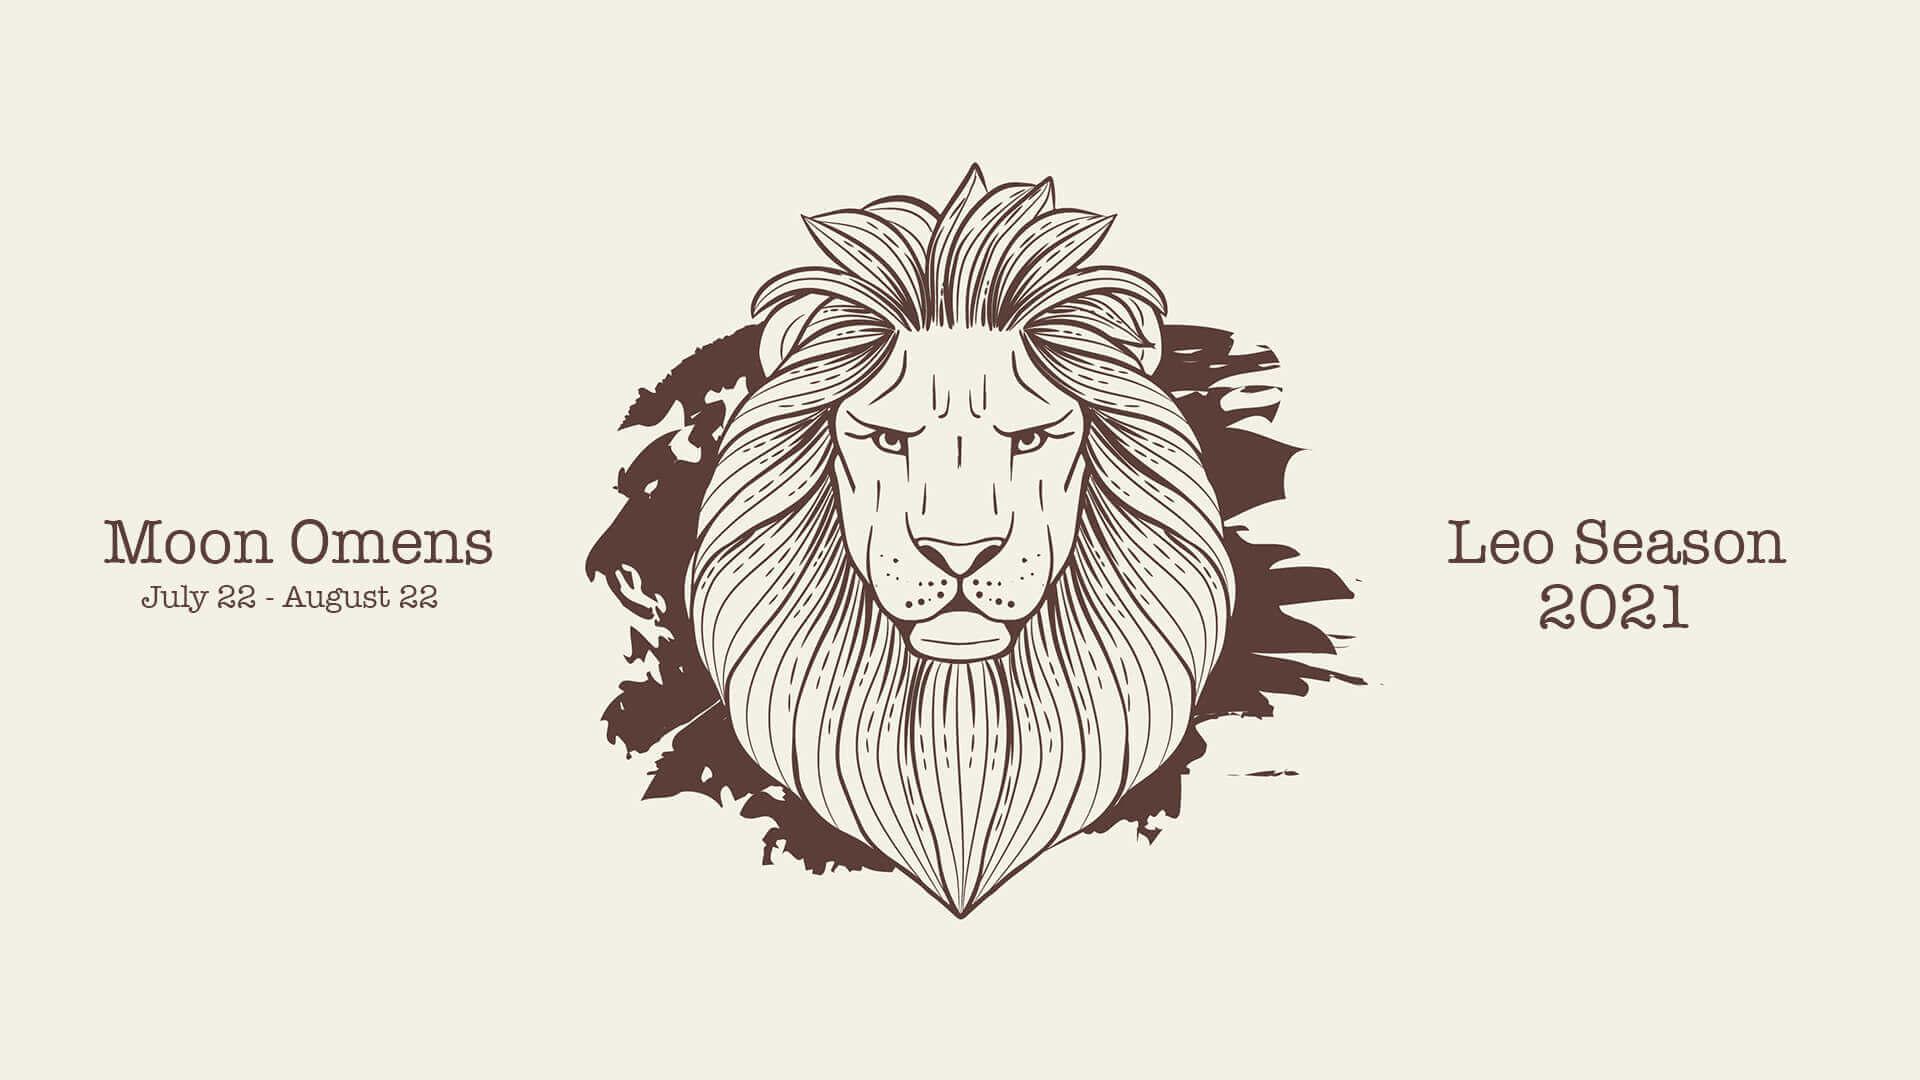 Leo Season 2021